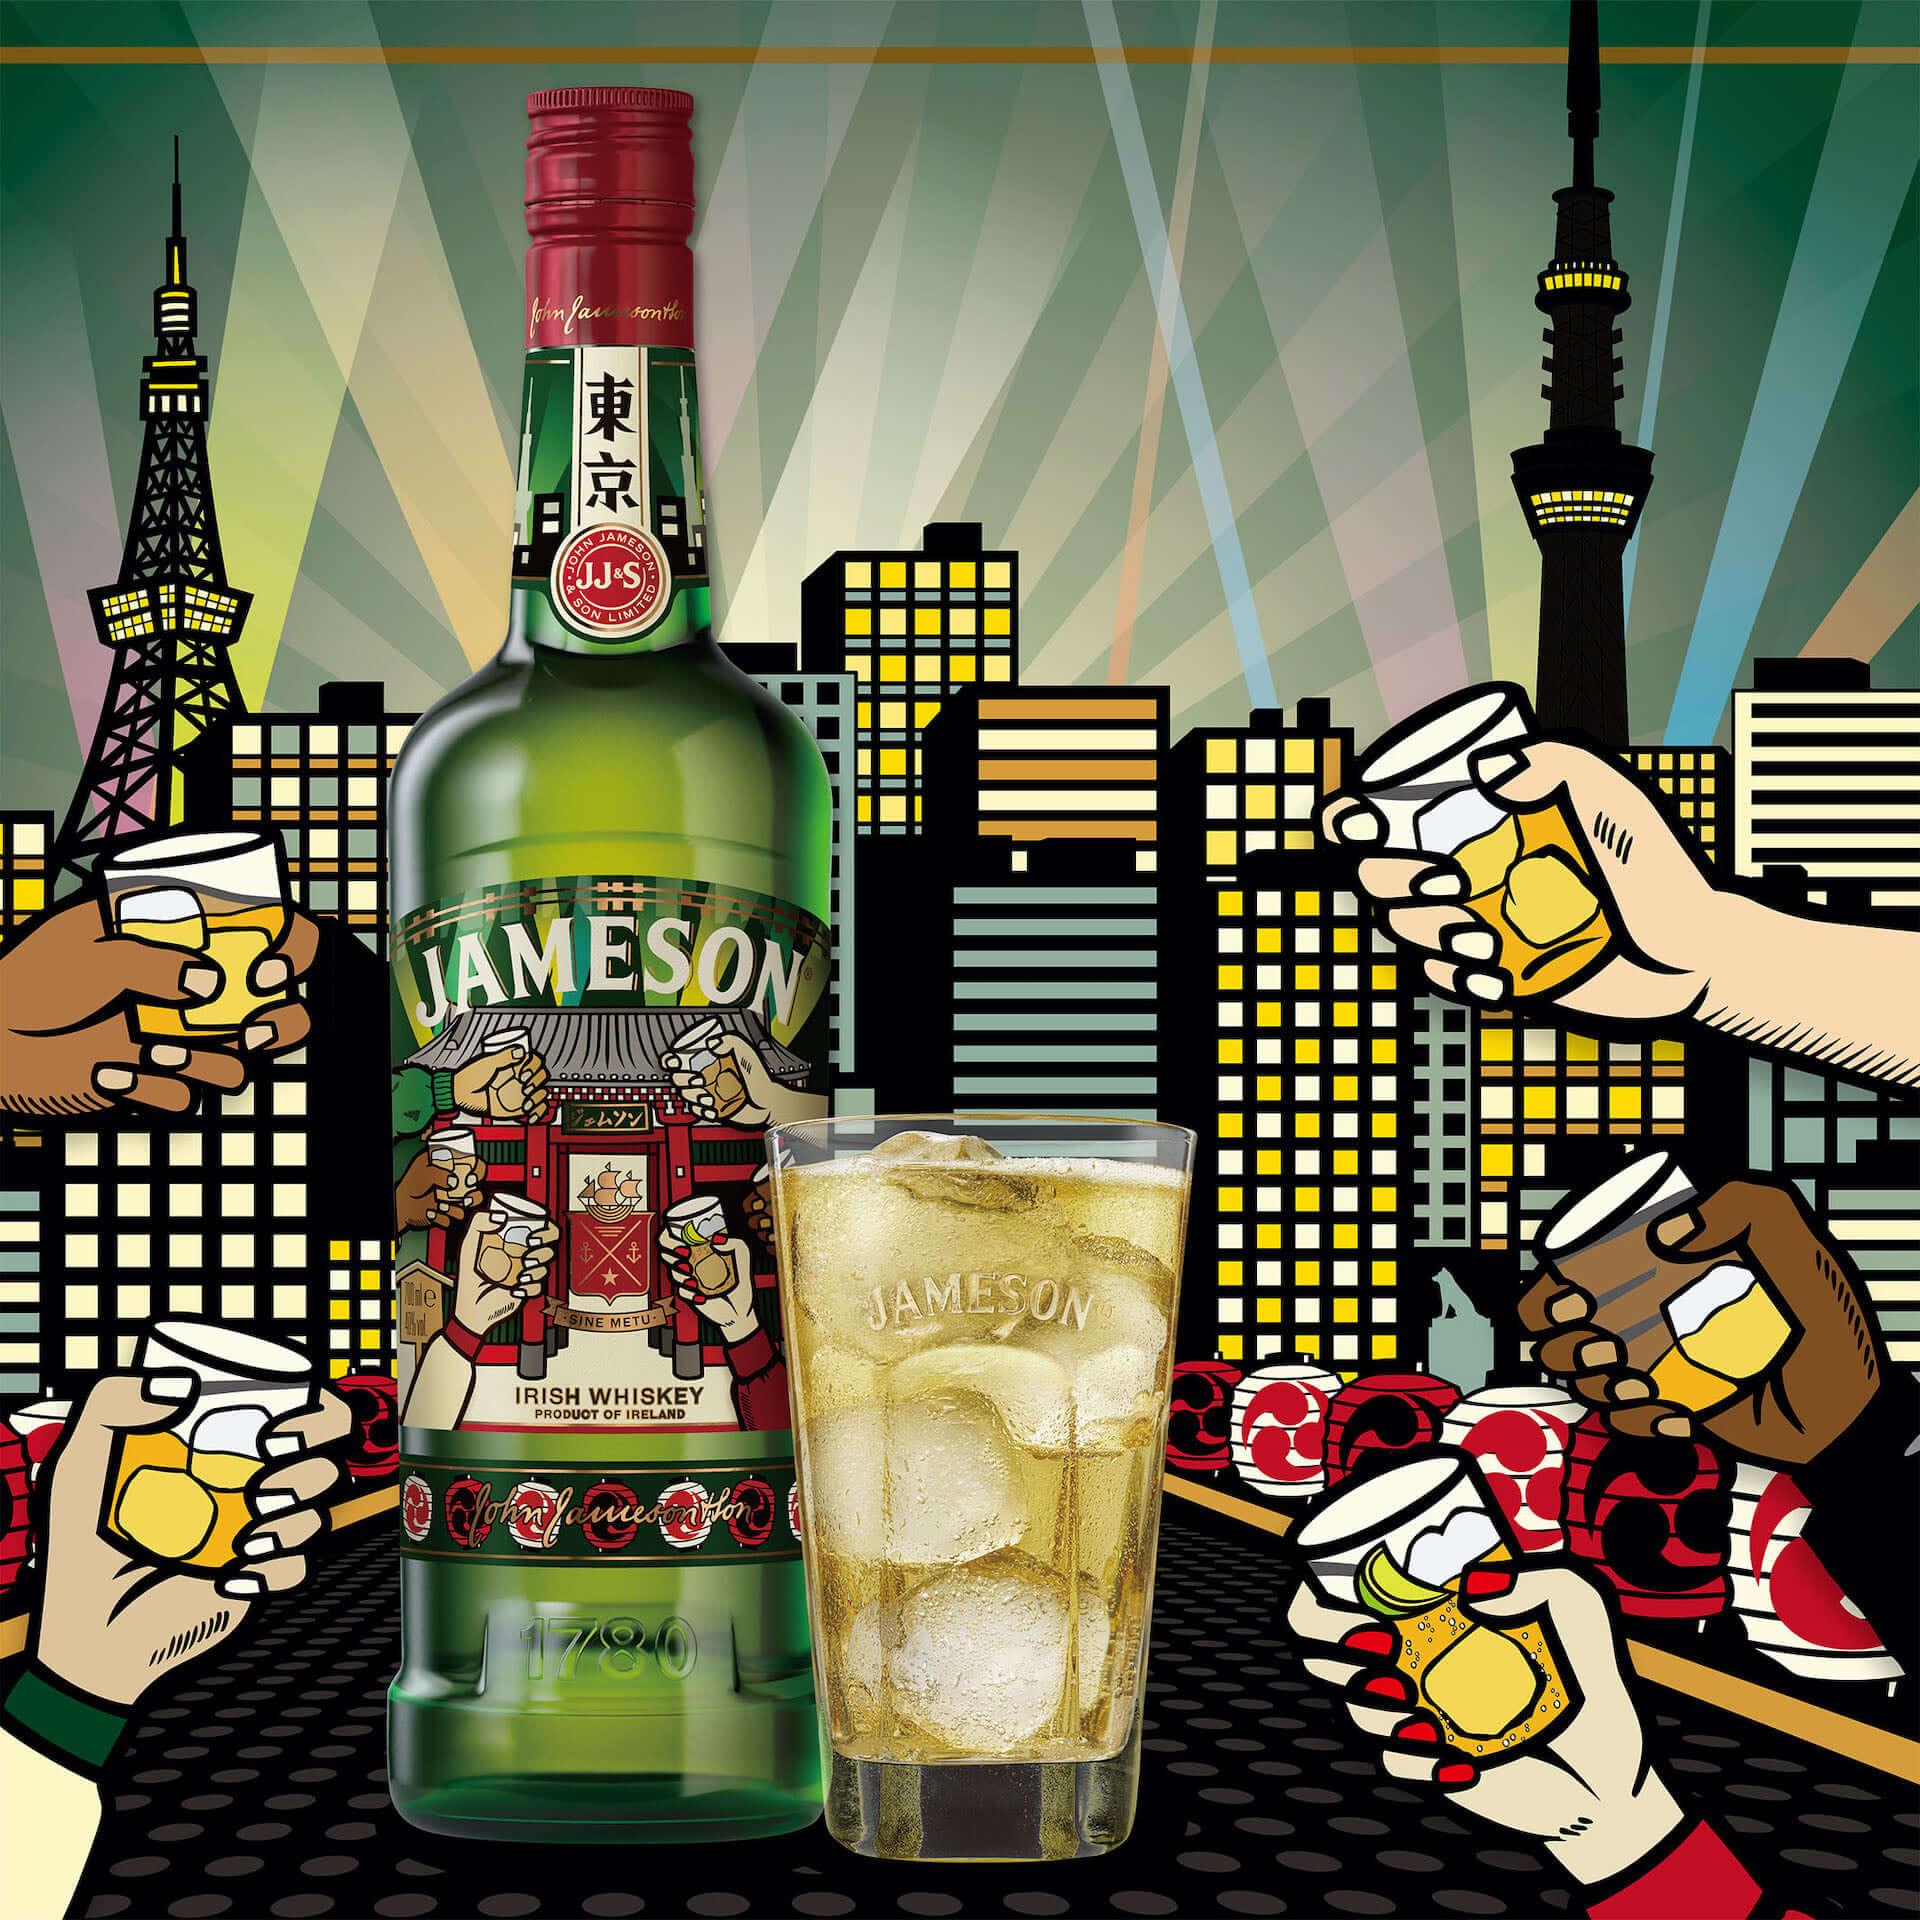 """『ジェムソン』が""""東京""""デザインの限定ボトルに!PUNK DRUNKERS・親方とコラボした『ジェムソン 東京 リミテッド』が発売決定 gourmet200828_jamesonwhiskey_5-1920x1920"""